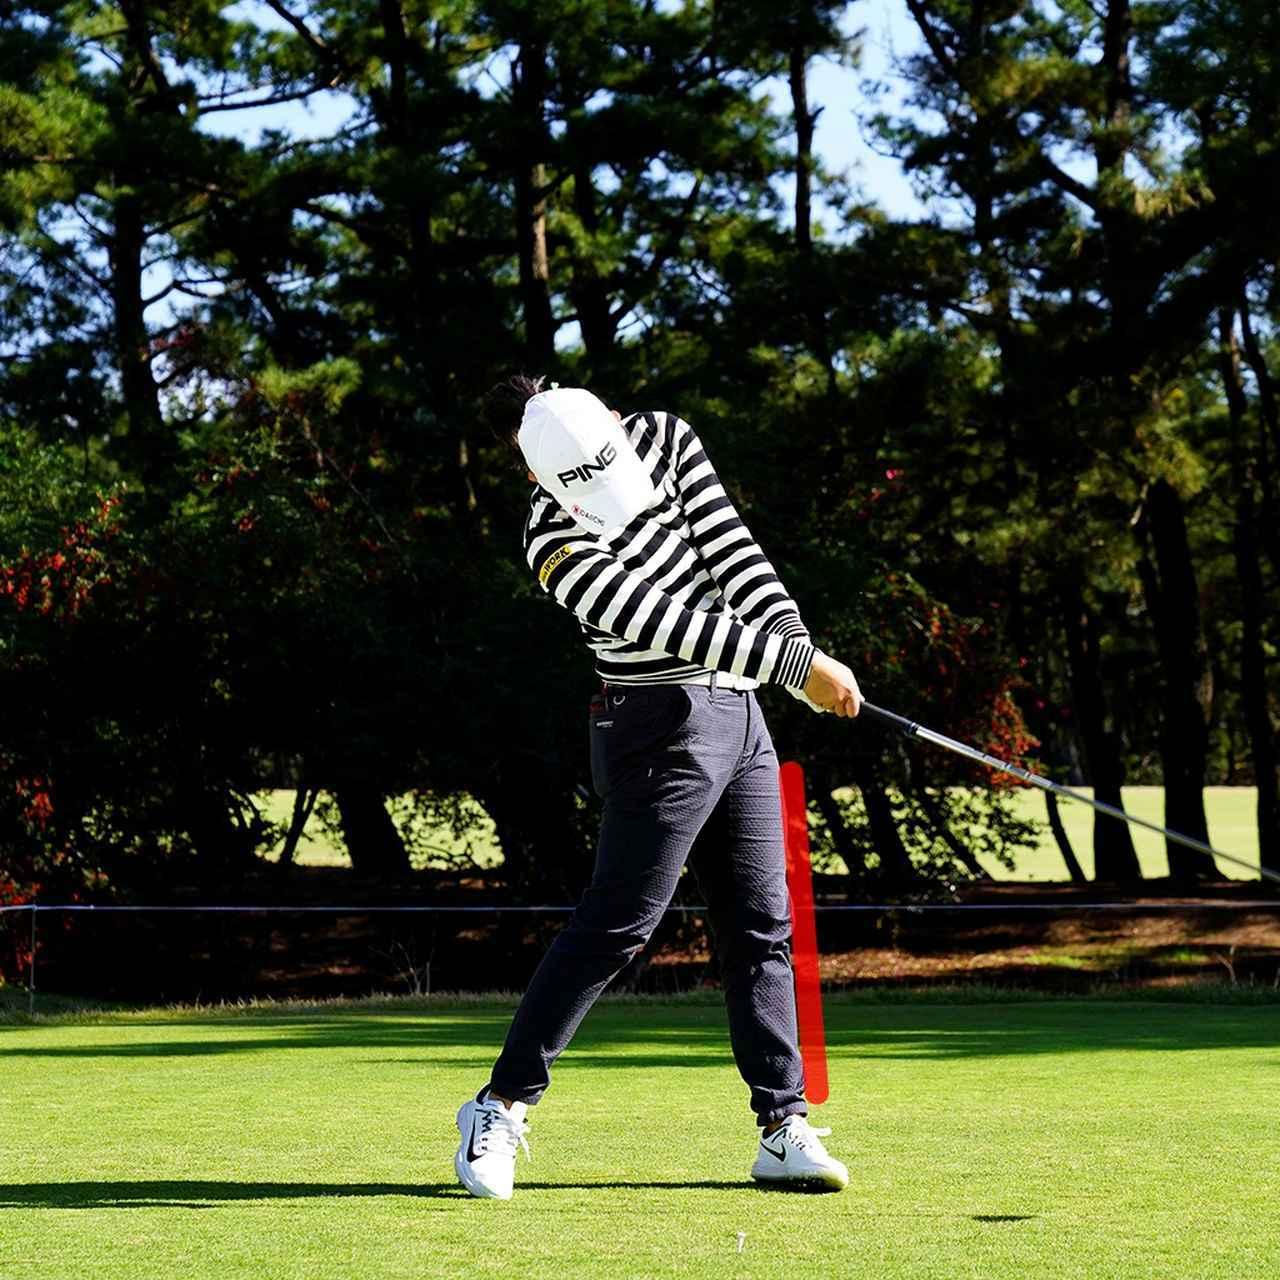 画像: 左足が流れず受け止めてヘッドを加速